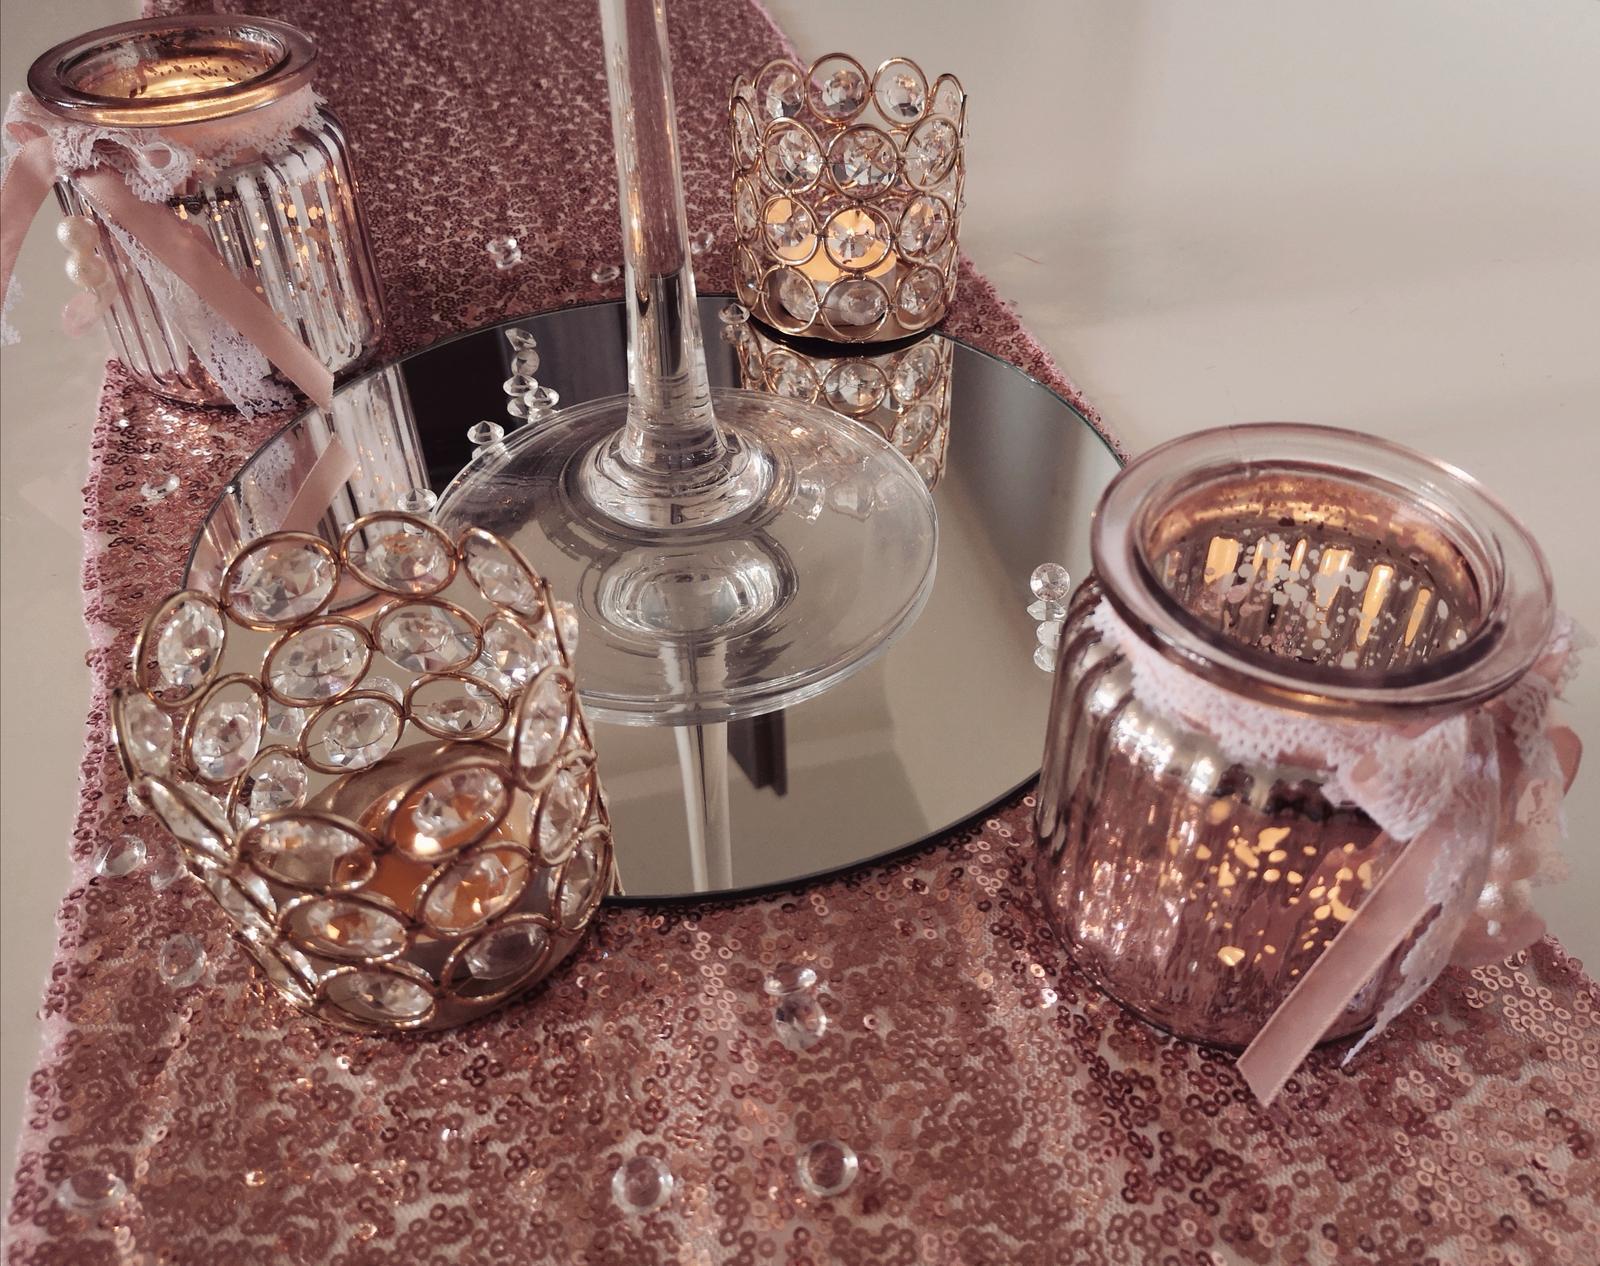 Dekorácie stolov pre svadobných hostí - Obrázok č. 2